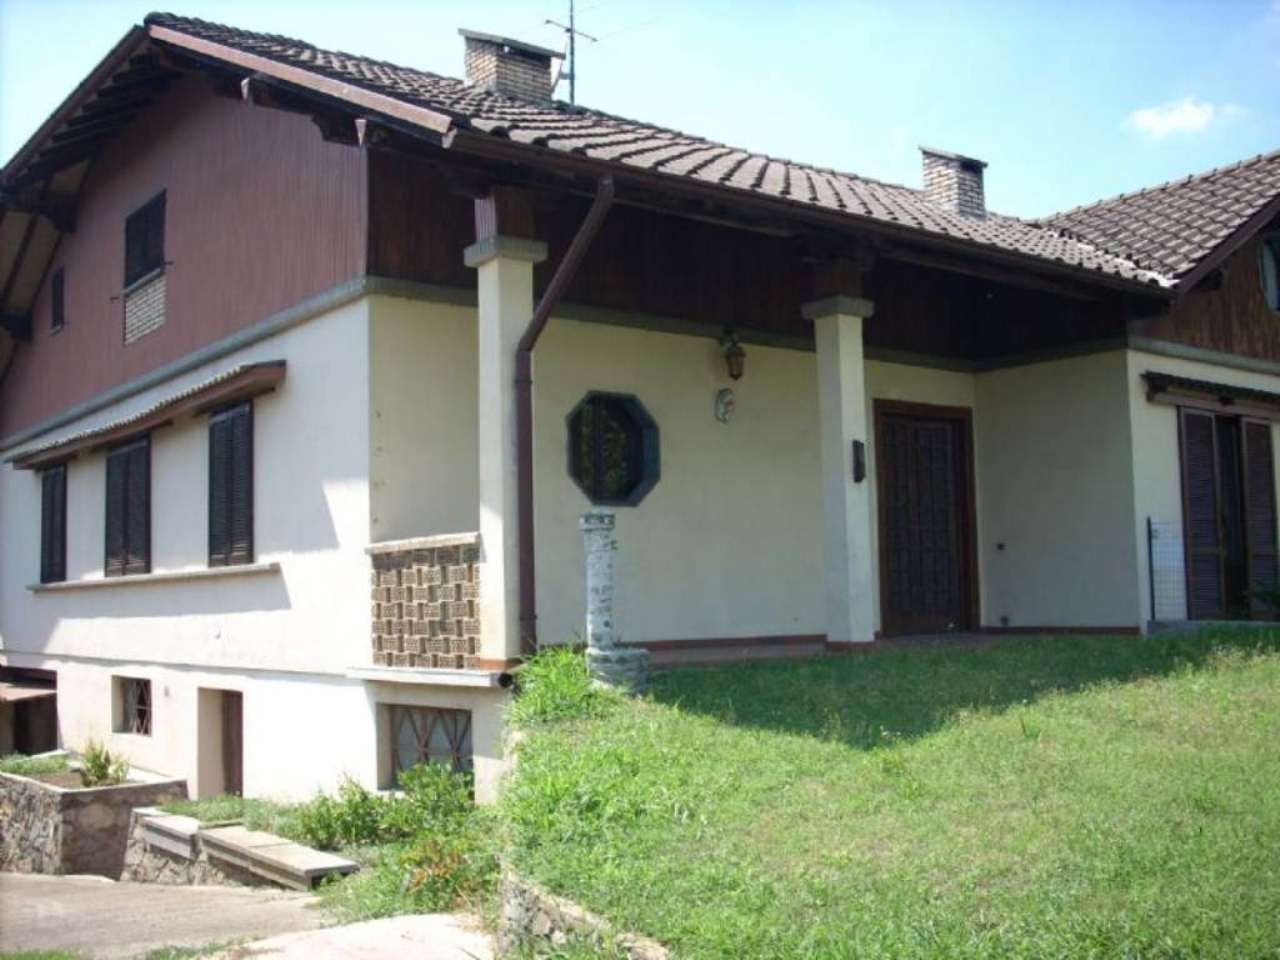 Villa Bifamiliare in vendita a Robecchetto con Induno, 5 locali, prezzo € 190.000 | Cambio Casa.it